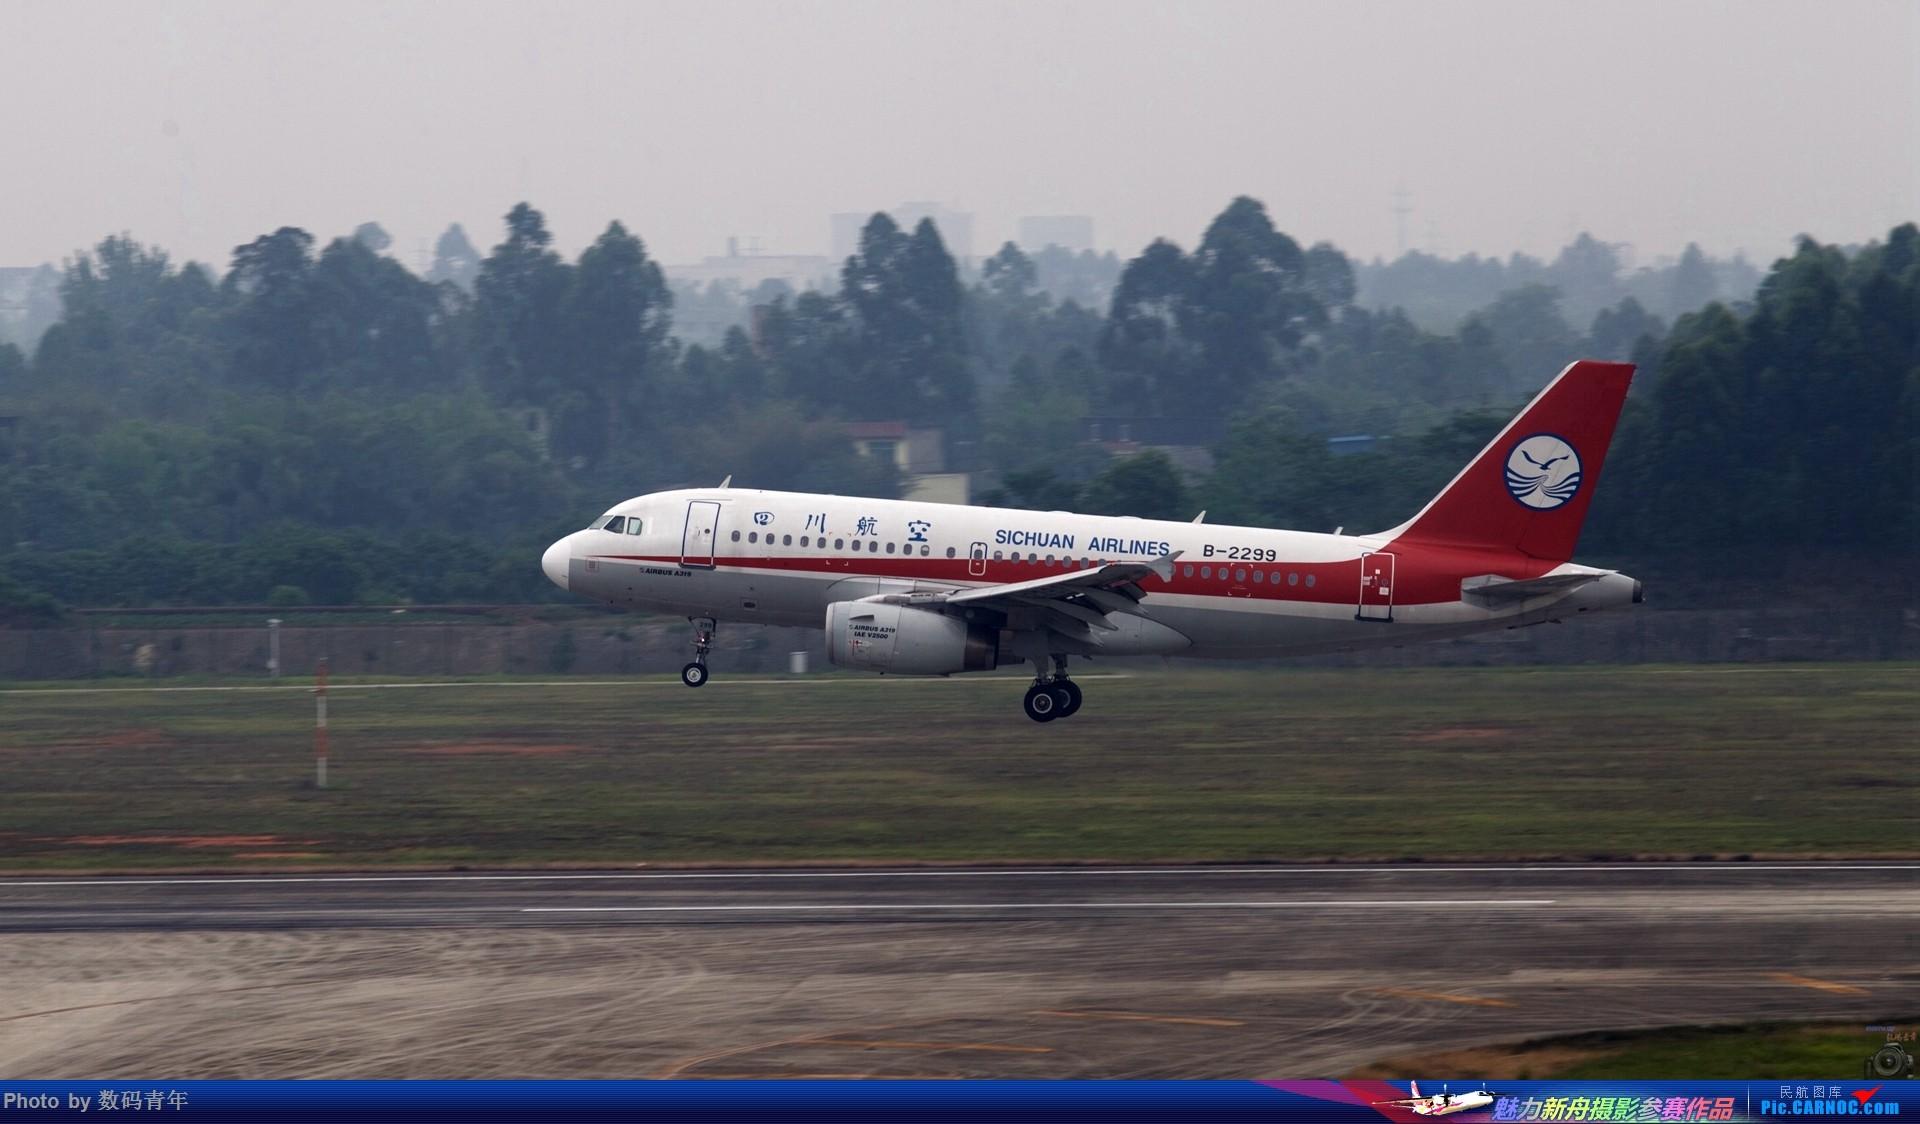 Re:[原创]重出江湖【CTU】2015.5.17打飞机 AIRBUS A319-100 B-2299 中国成都双流国际机场